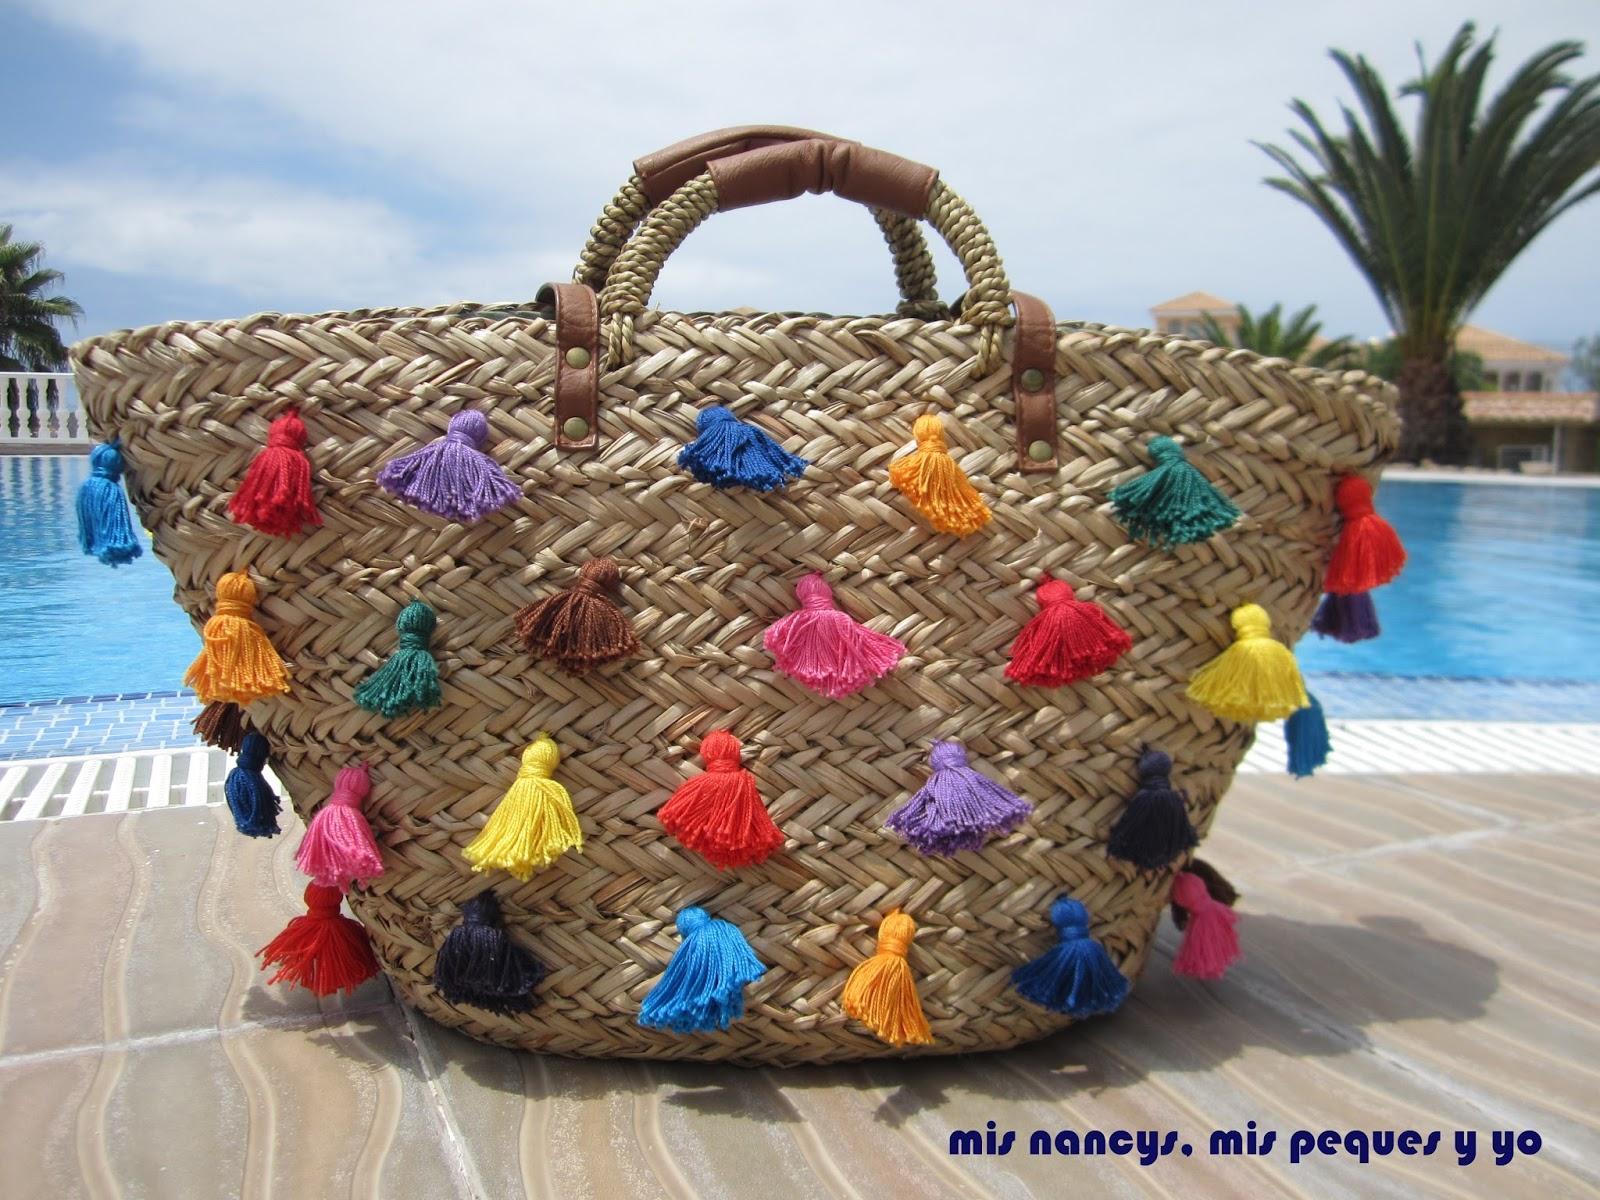 mis nancys, mis peques y yo, tutorial DIY cesta playera con borlas